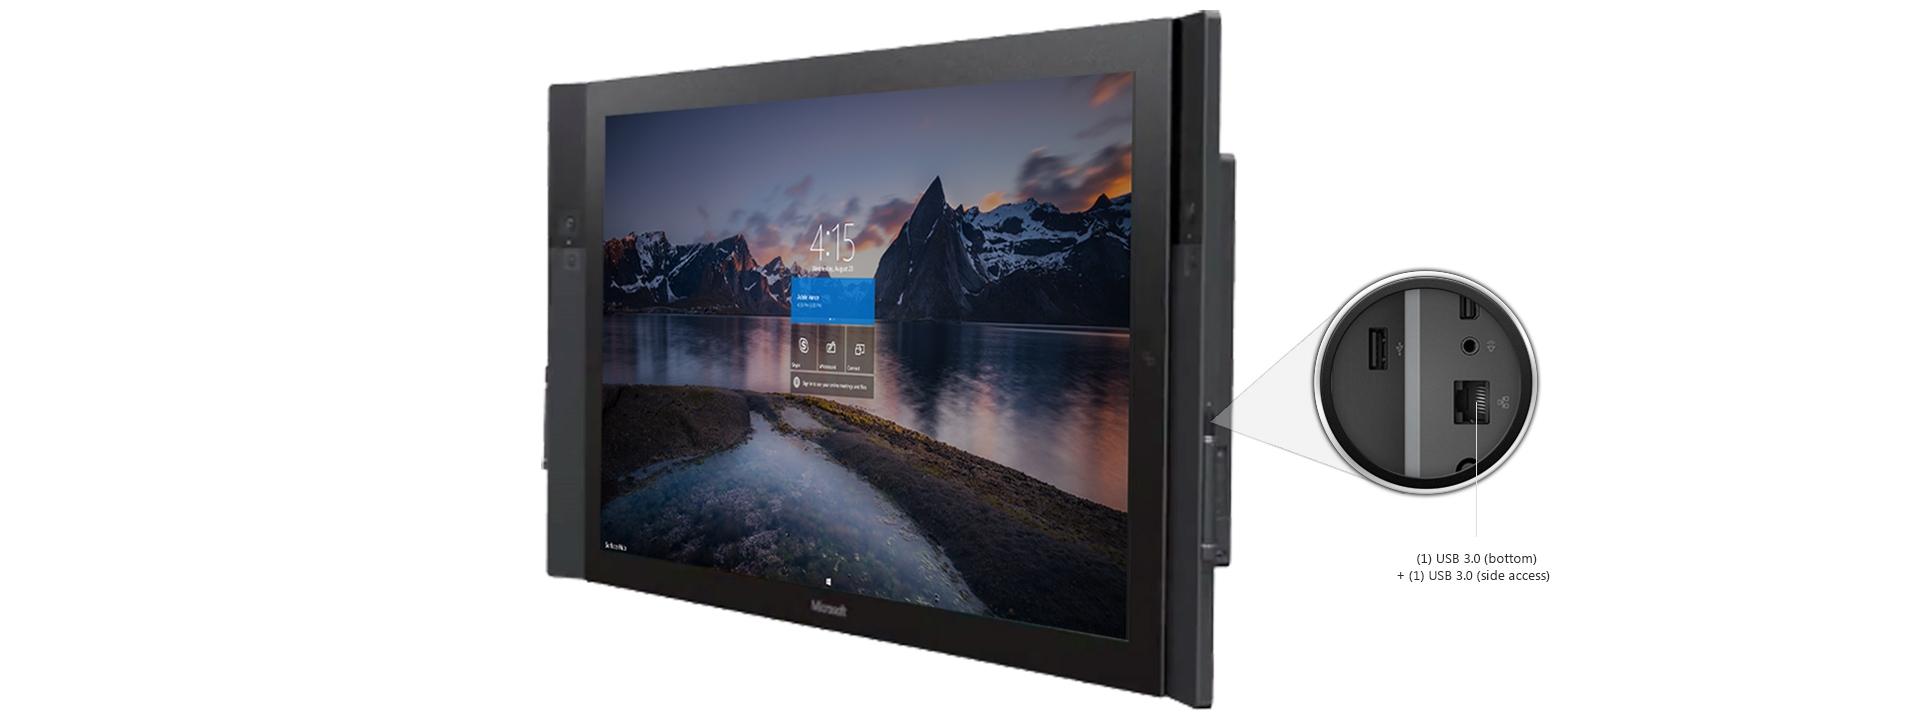 Seitenansicht von Surface Hub mit Naturpanorama als Startbildschirm, mit vergrößerten Anschlüssen.